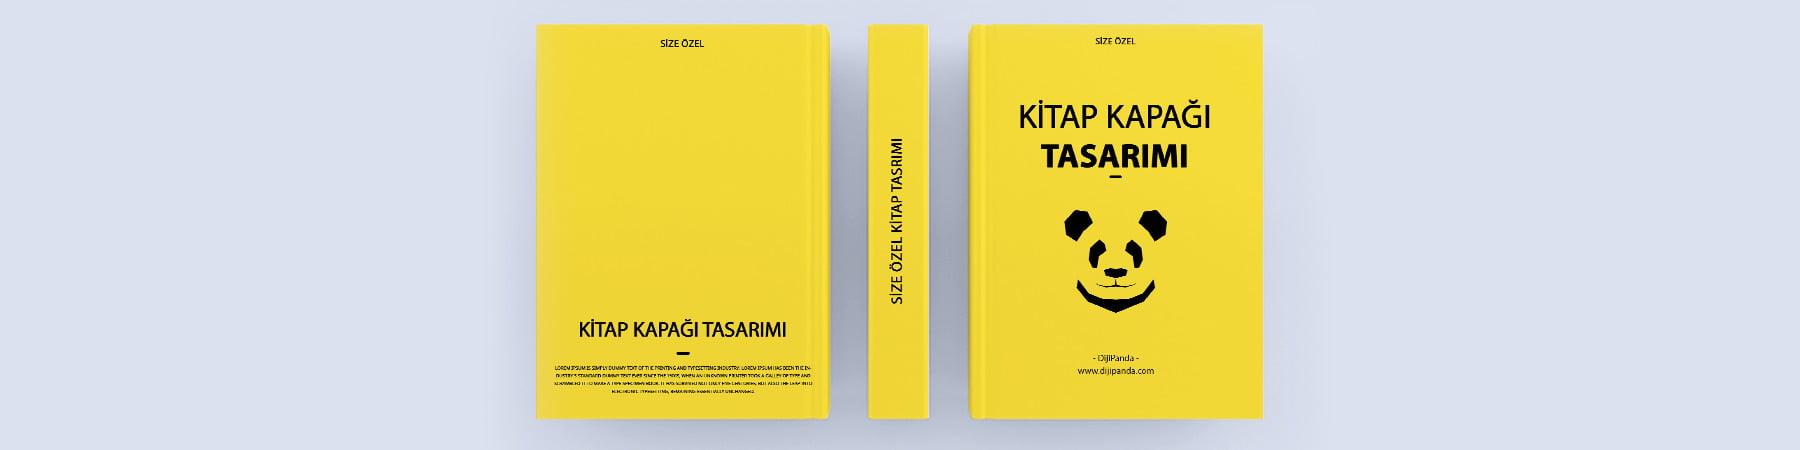 Kitap/Dergi Kapağı Tasarımı